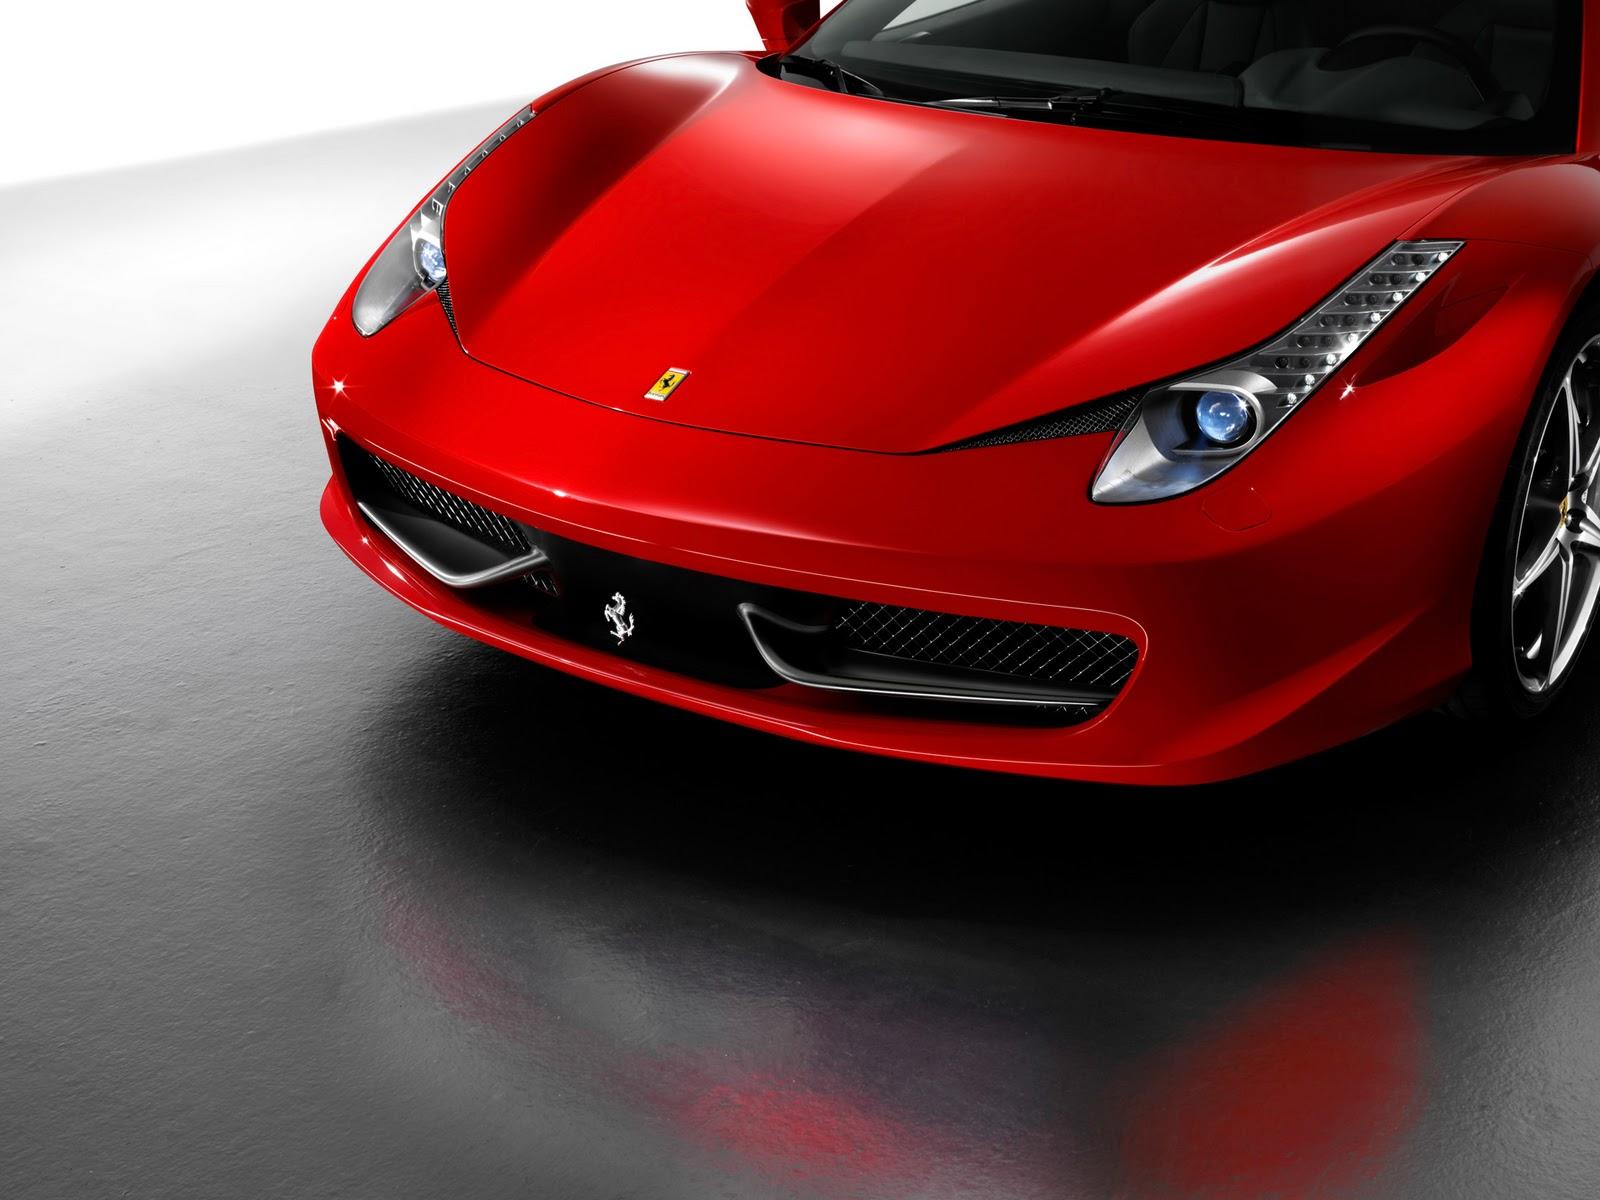 ferrari enzo part 12 car wallpaper - Ferrari Enzo 2010